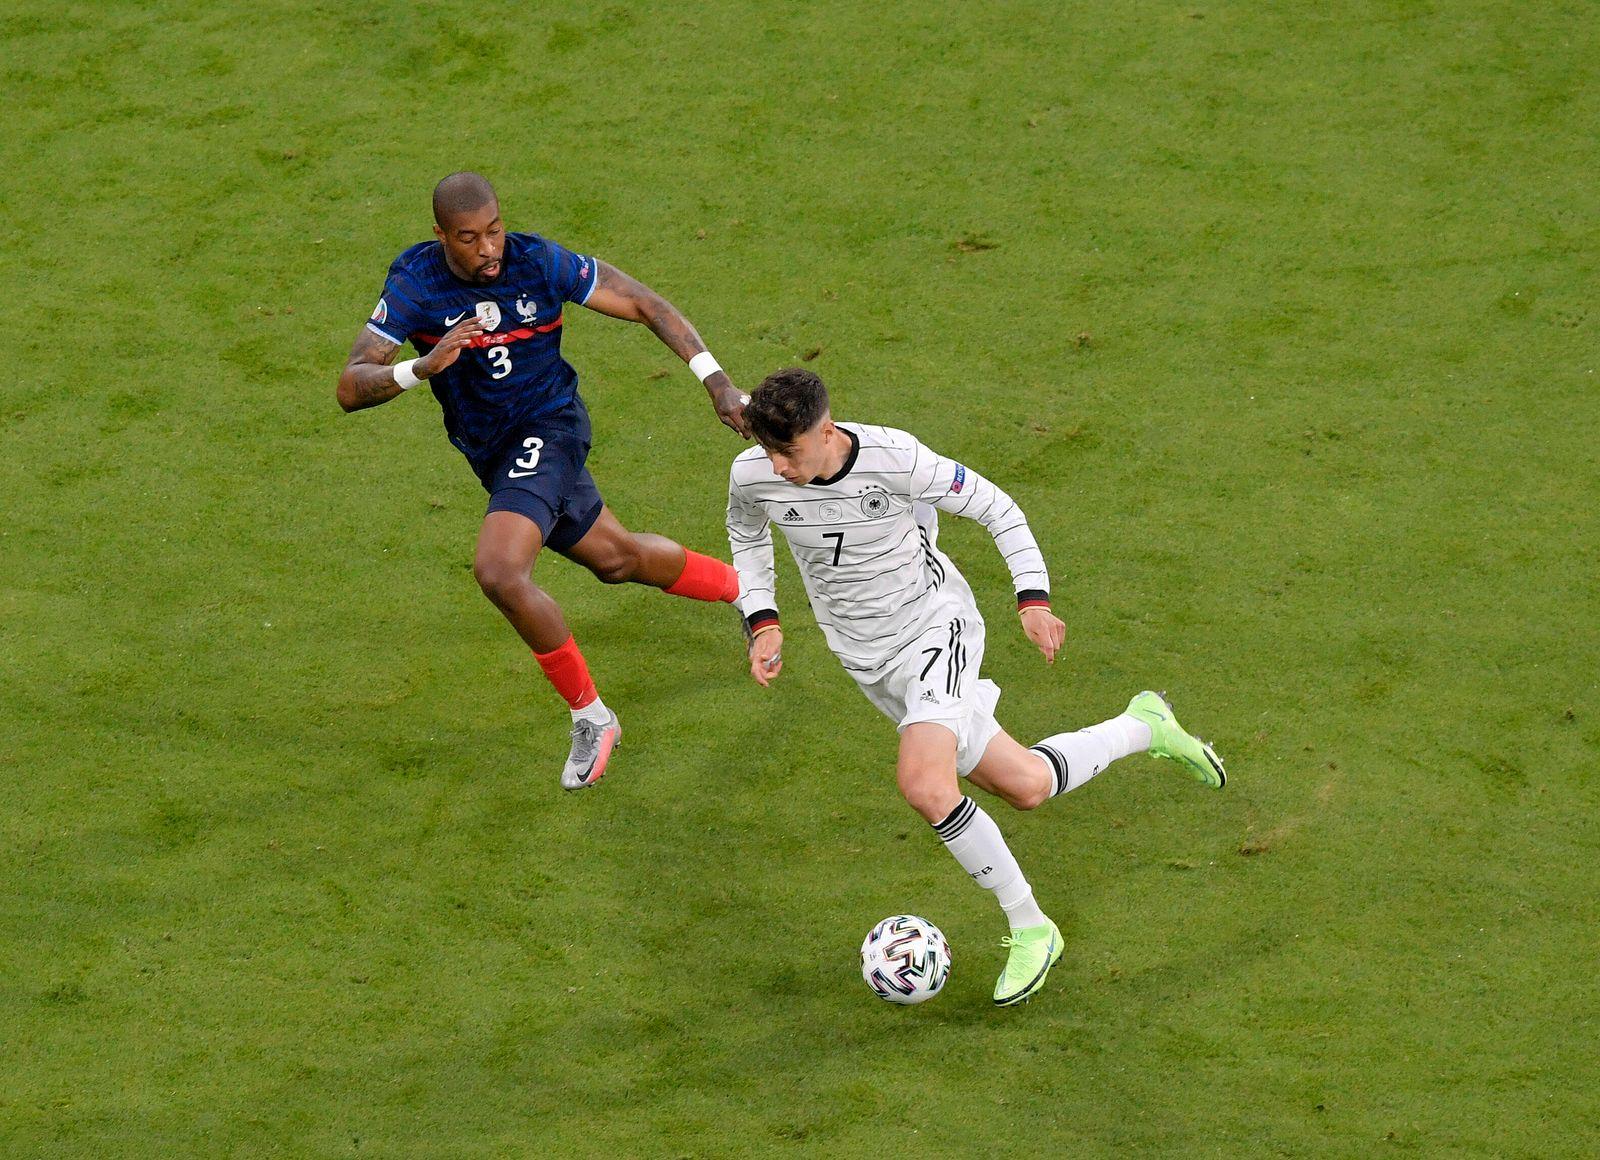 15.06.2021, Fussball, Europameisterschaft 2020, Gruppenspiel Gruppe F, Frankreich - Deutschland, in der Fußball Arena Mü